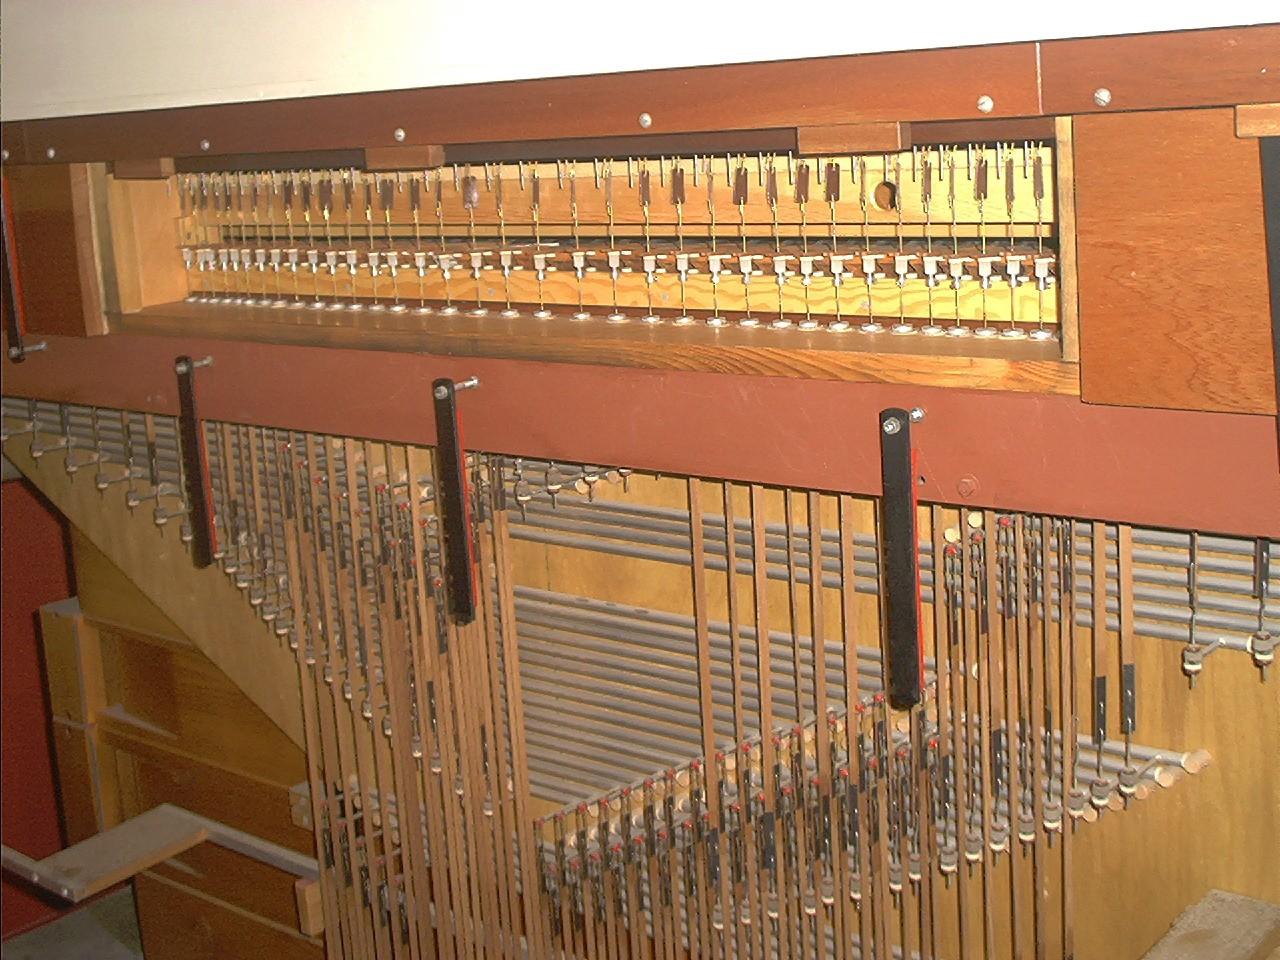 изображение органа: